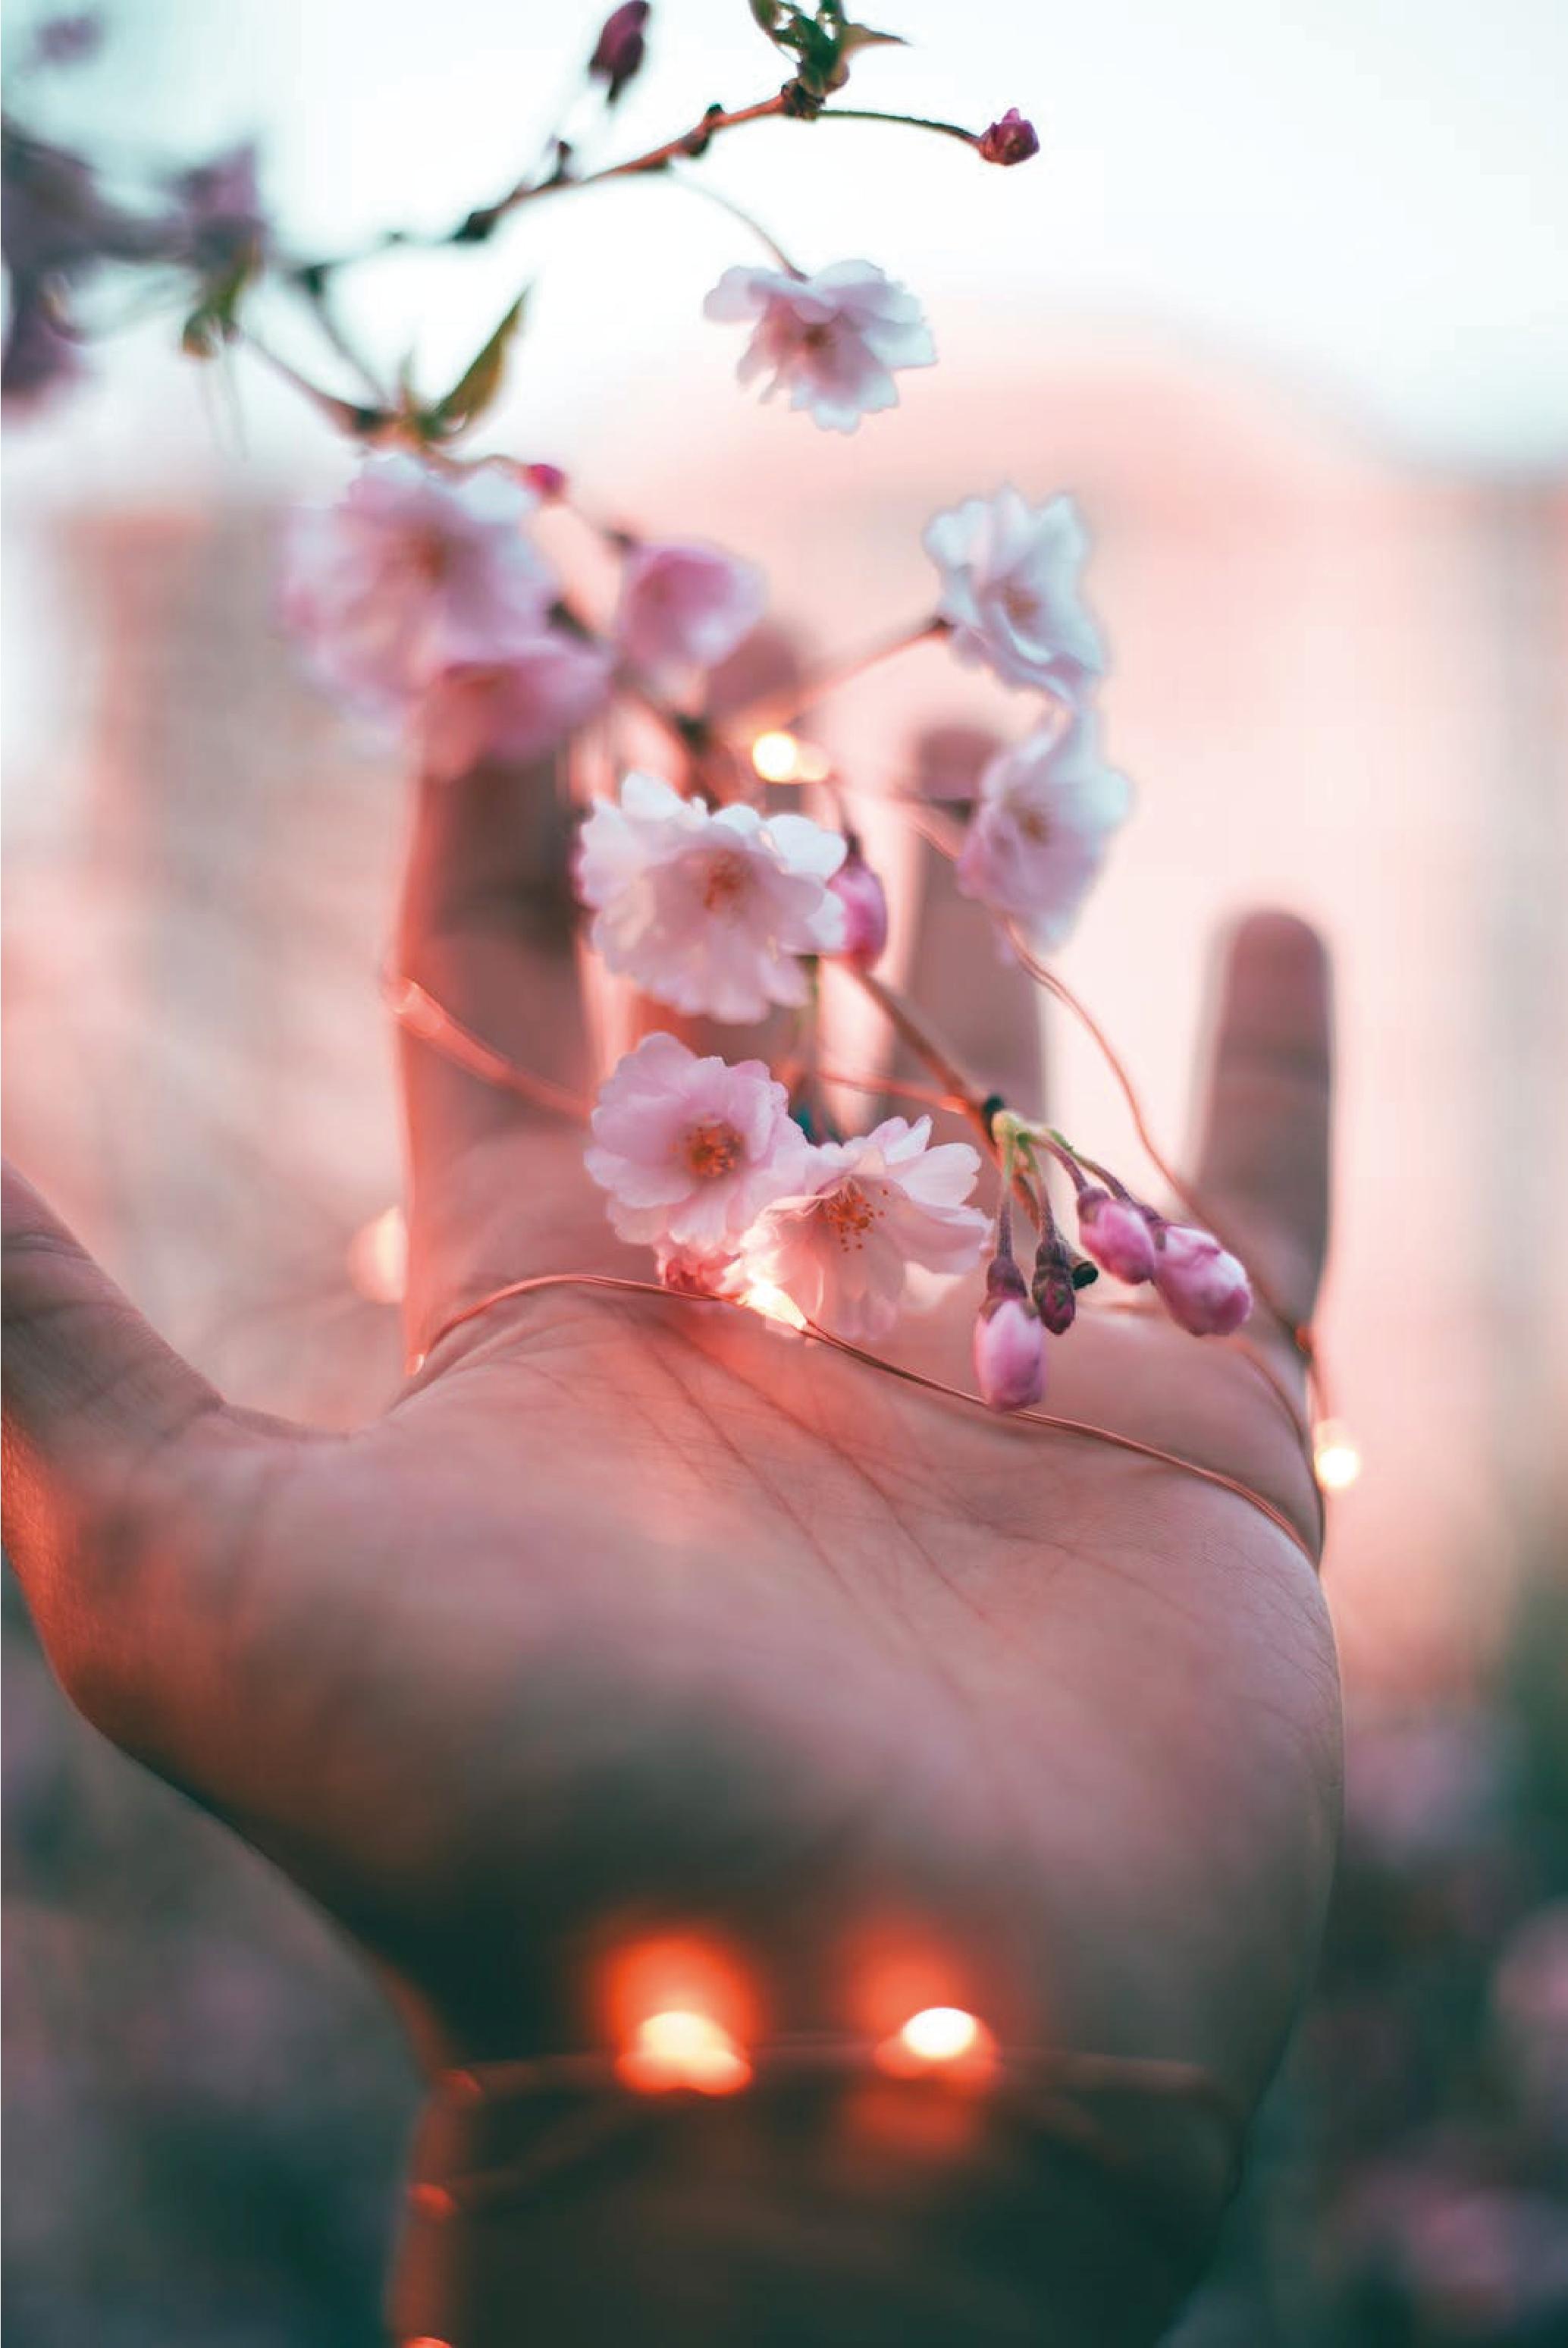 [21.03.28] 春色×芦屋暮らし 桜 TEA TIME